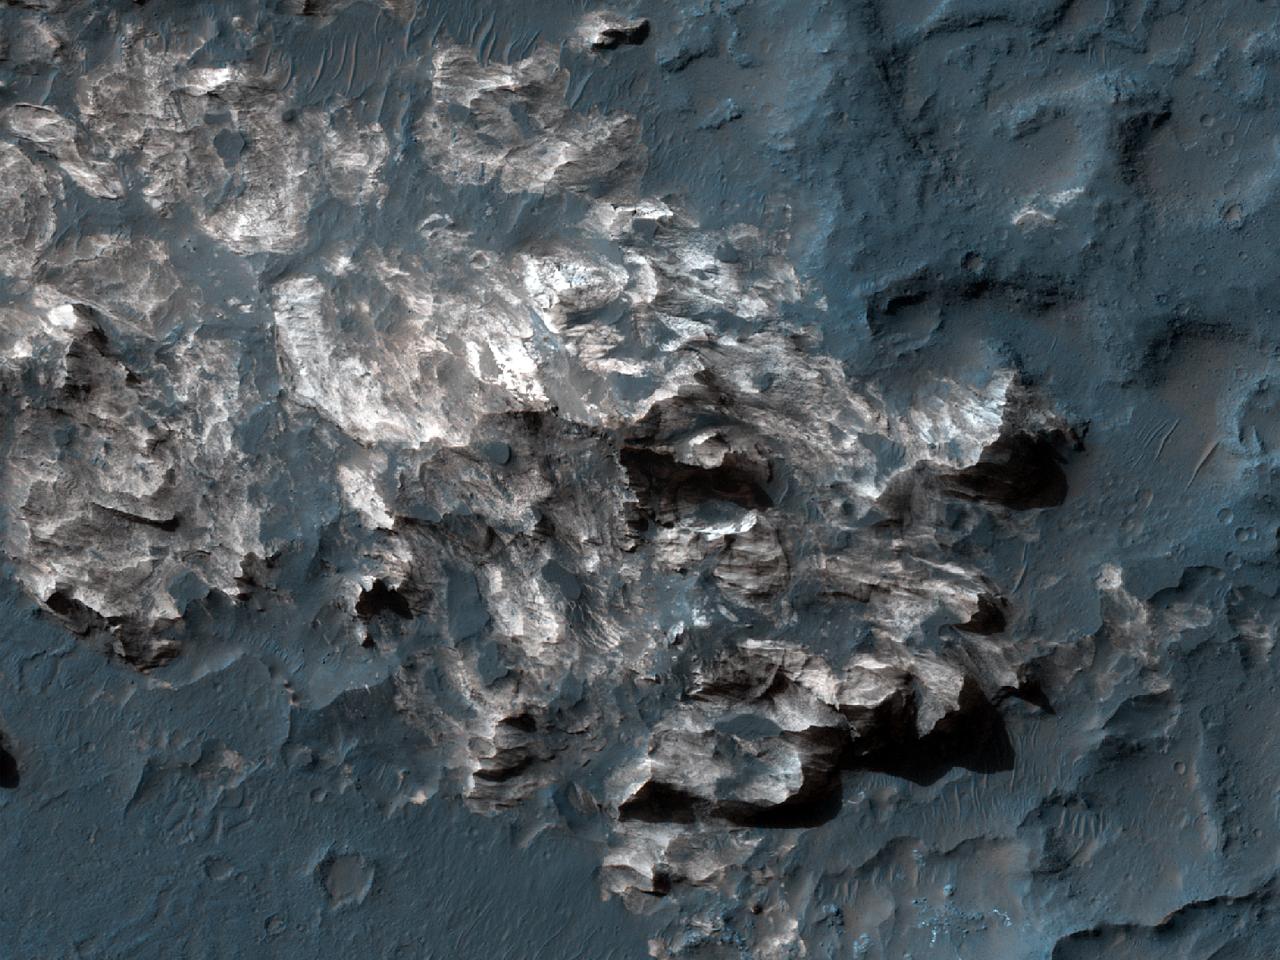 A exposição de leito de rocha em Coprates Chasma